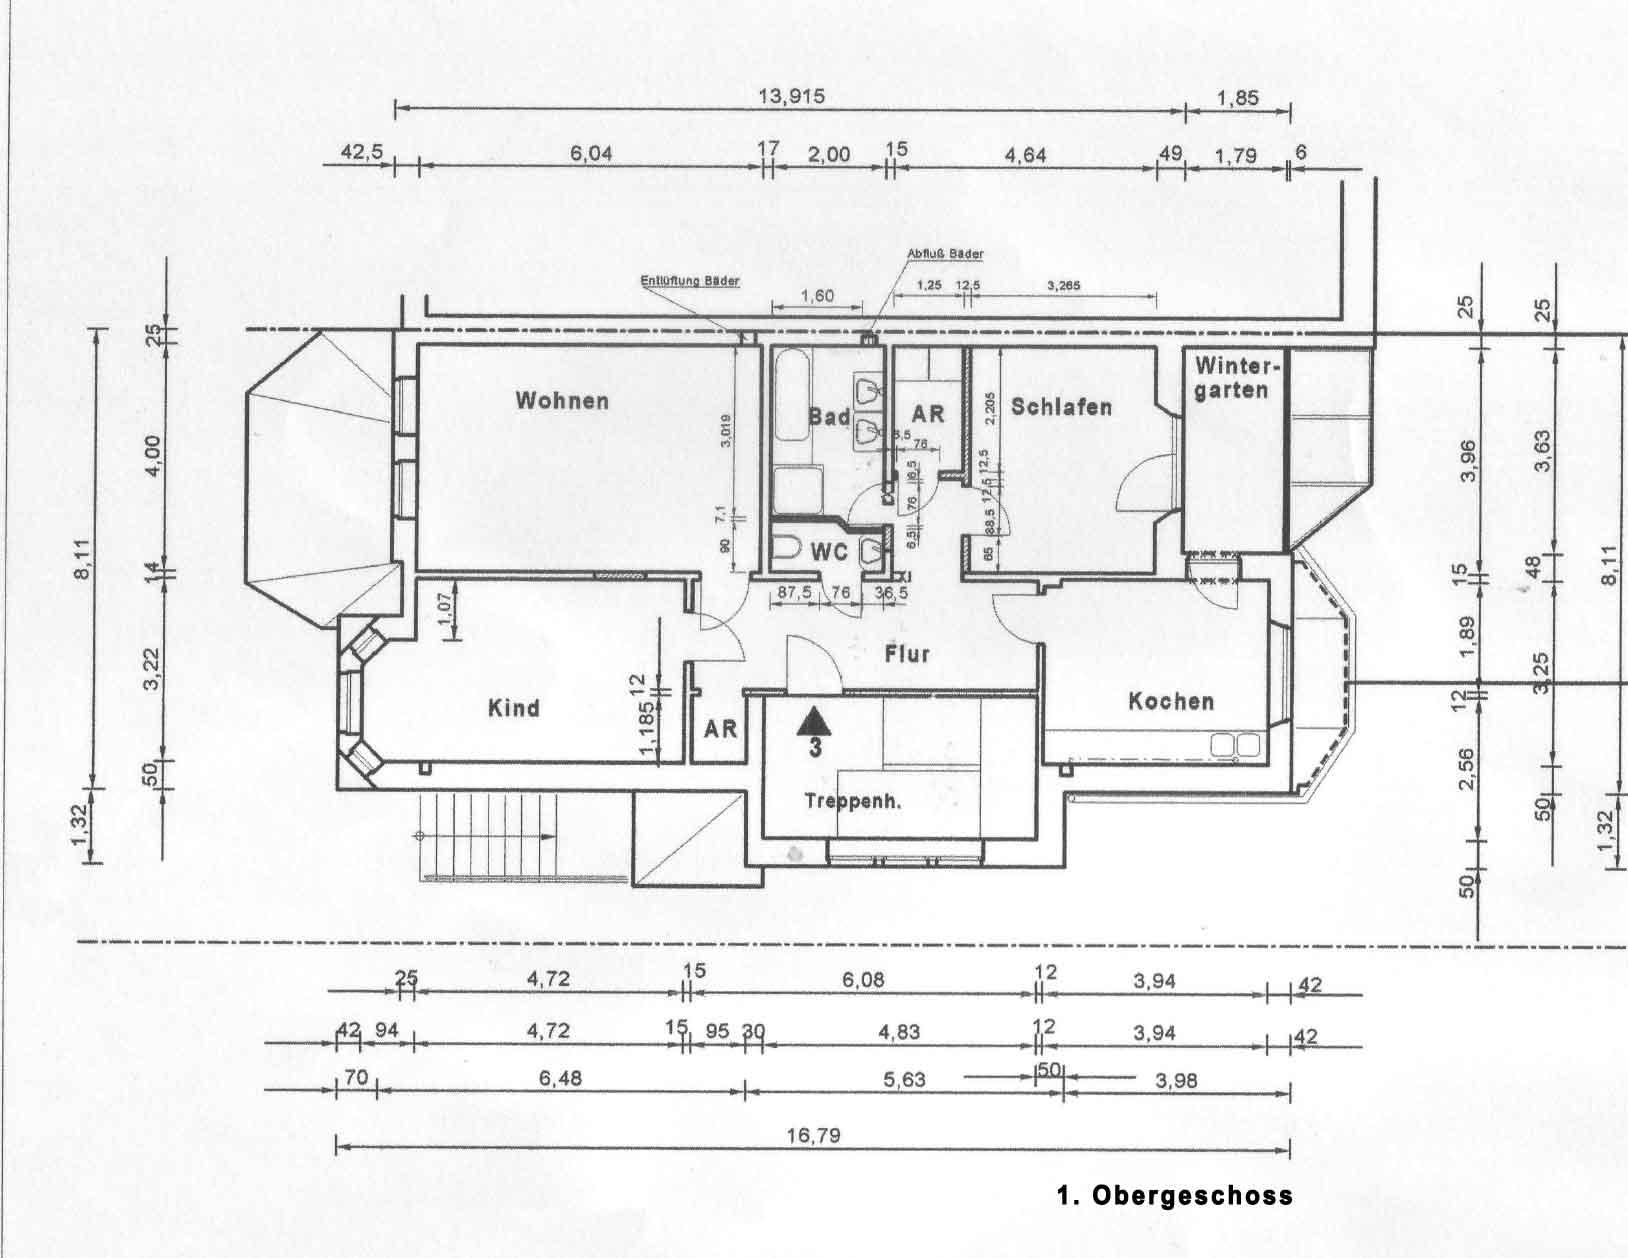 Osterdeich 91, Bremen, Abbildung 1. Obergeschoss